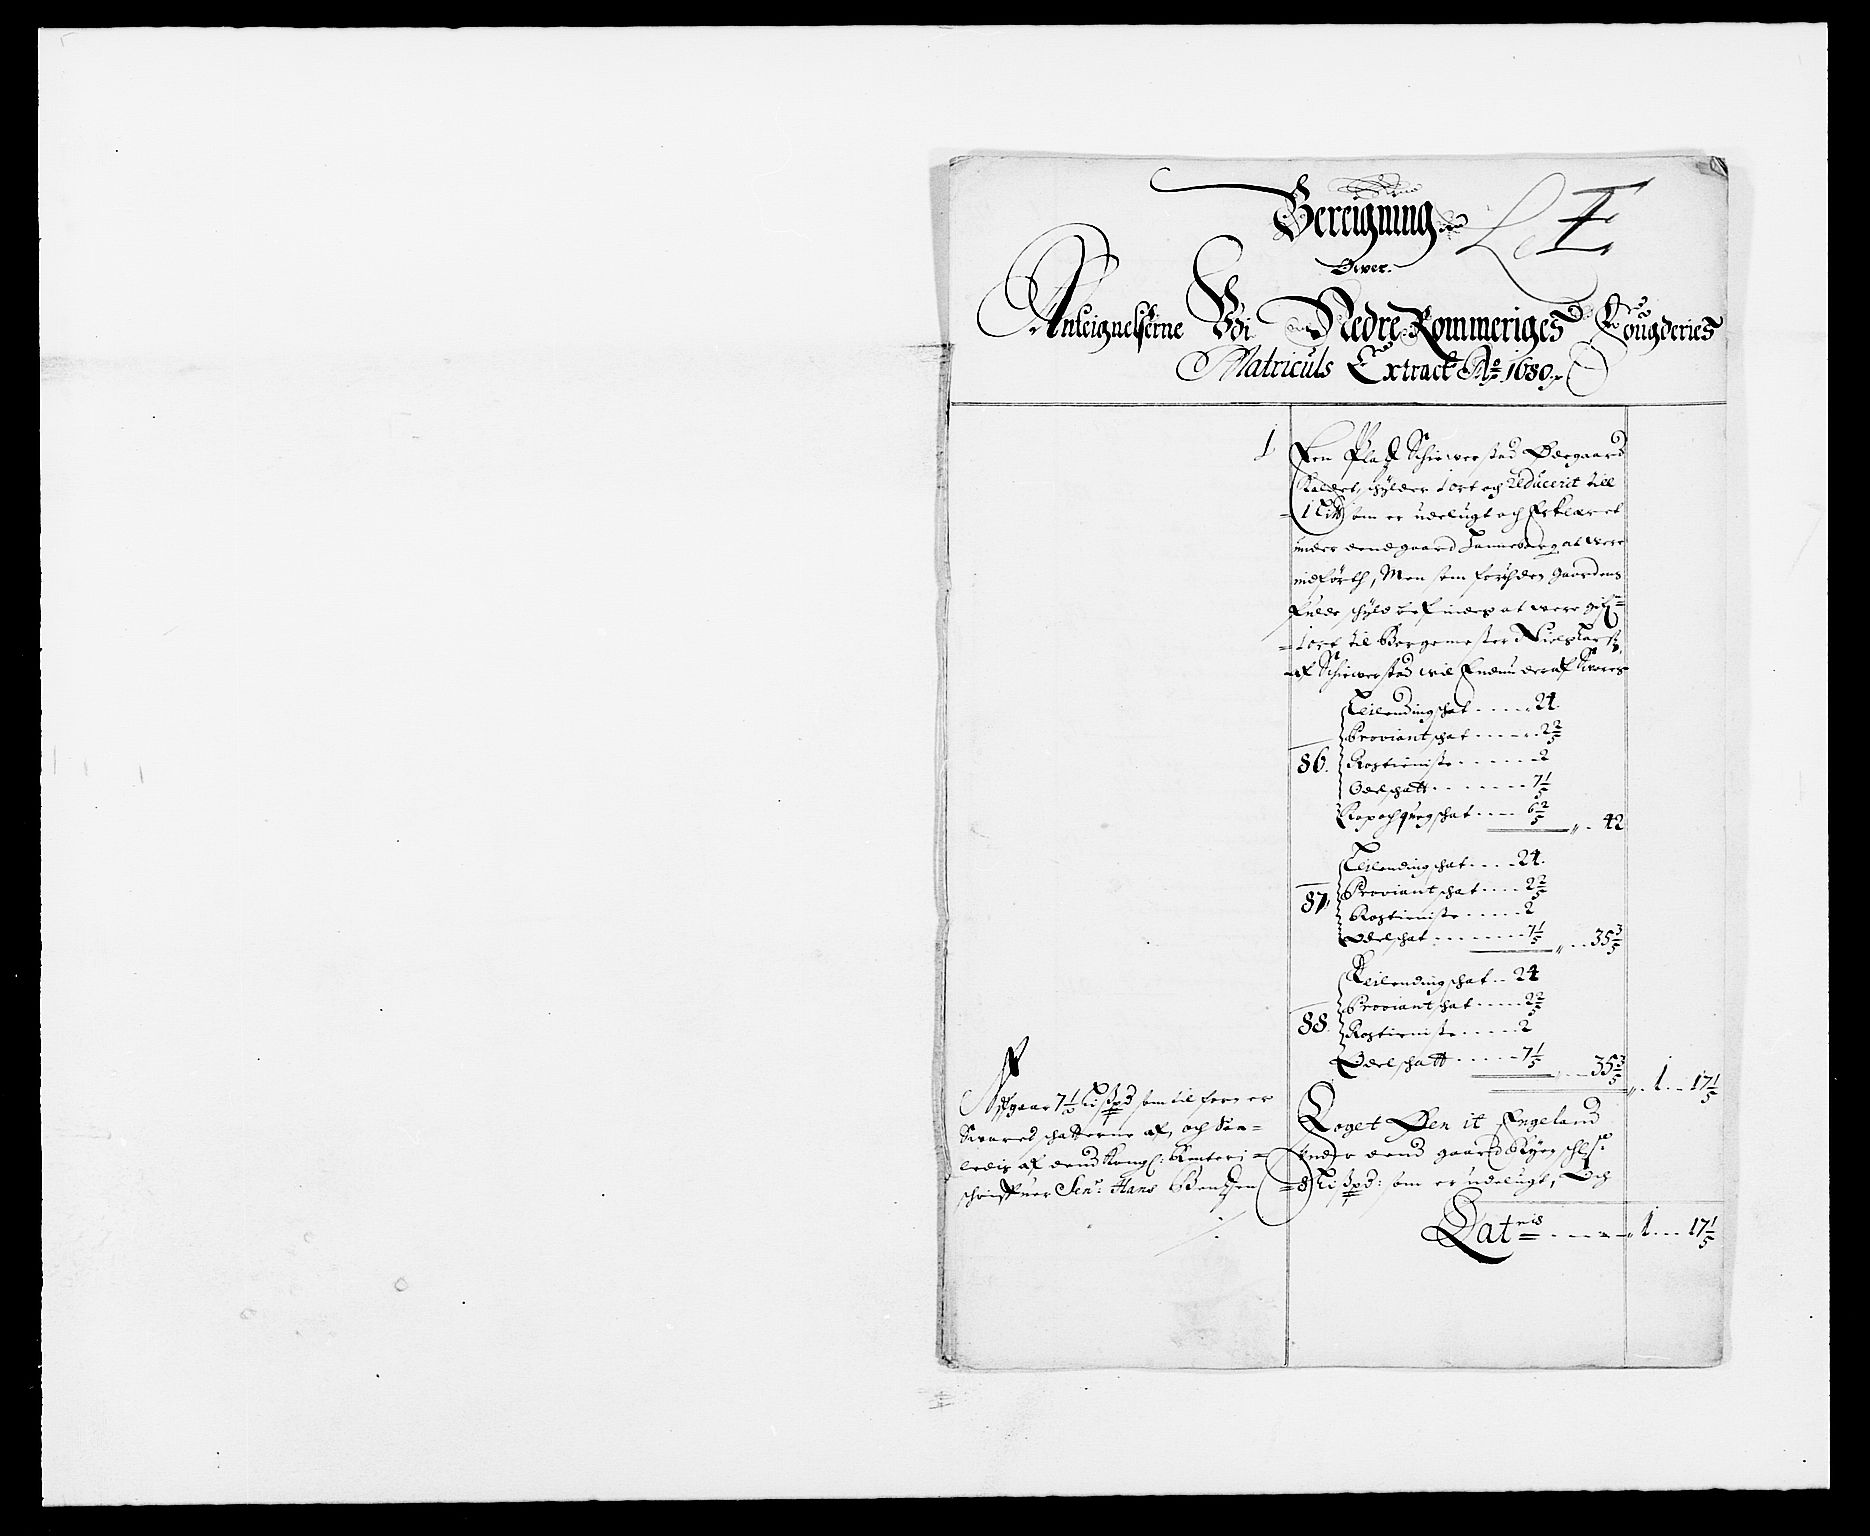 RA, Rentekammeret inntil 1814, Reviderte regnskaper, Fogderegnskap, R11/L0569: Fogderegnskap Nedre Romerike, 1680-1681, s. 240